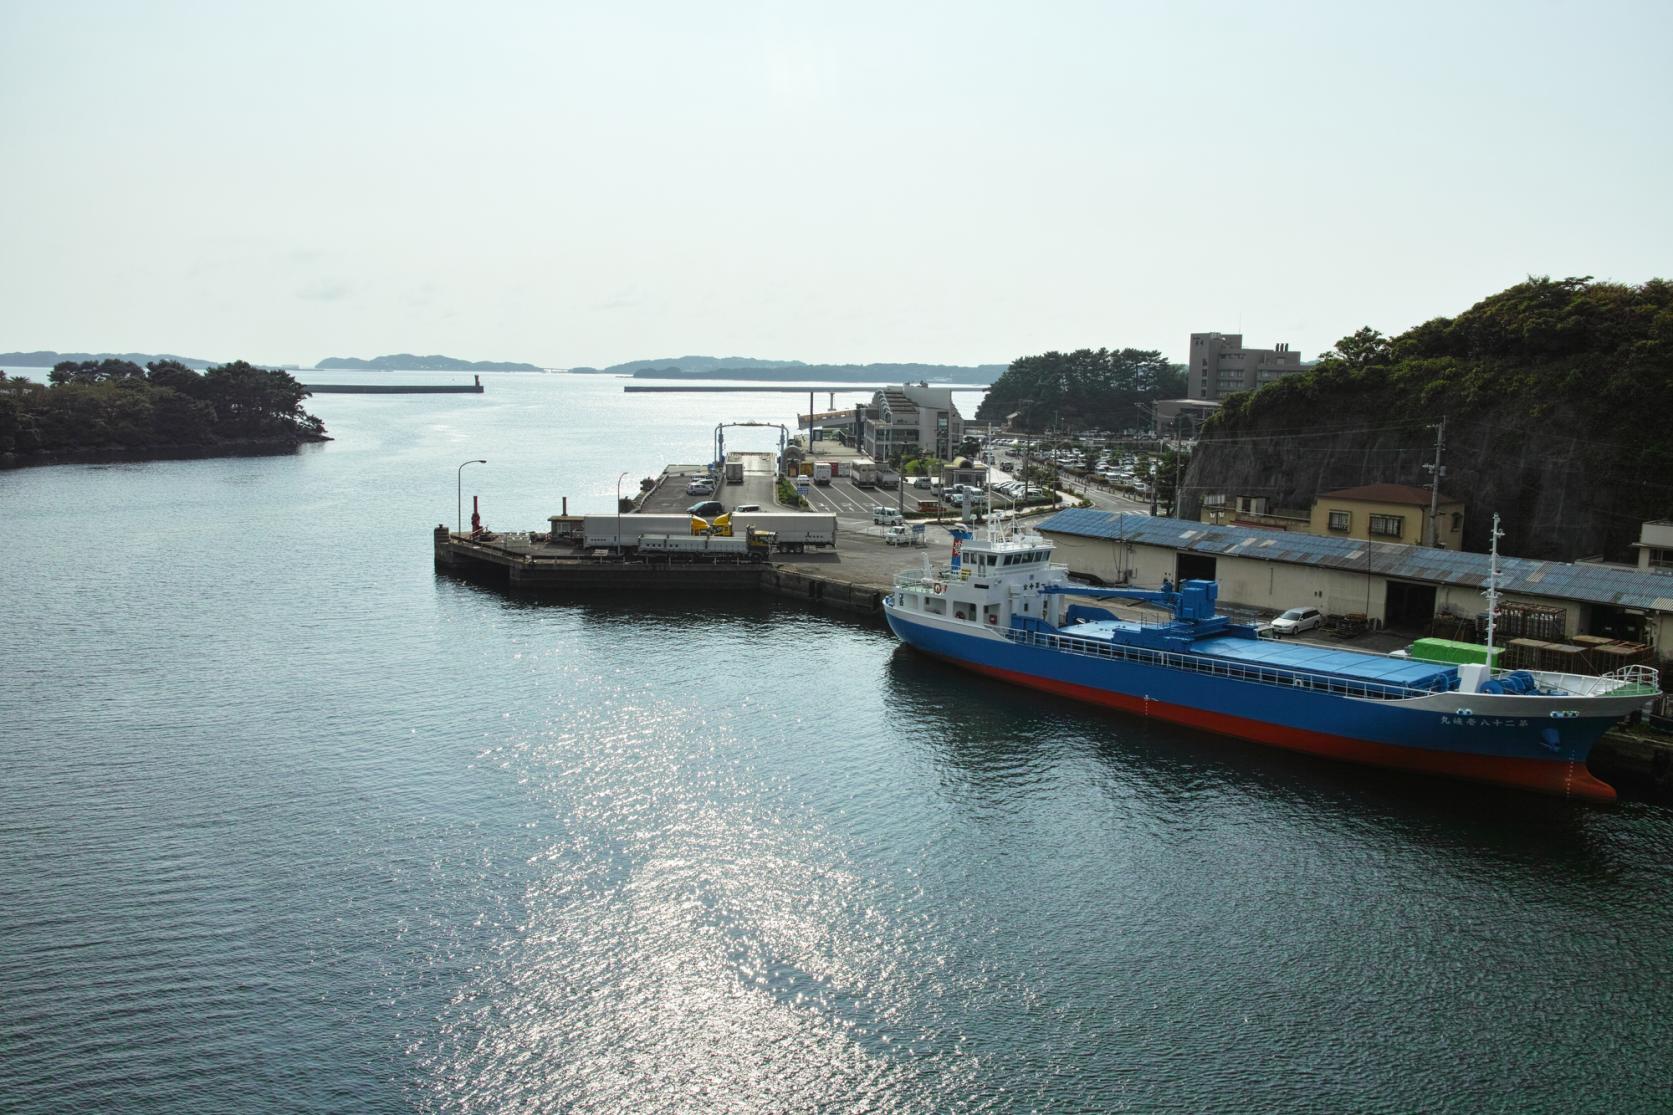 日帰りもできちゃう!博多港から約70分の離島-1